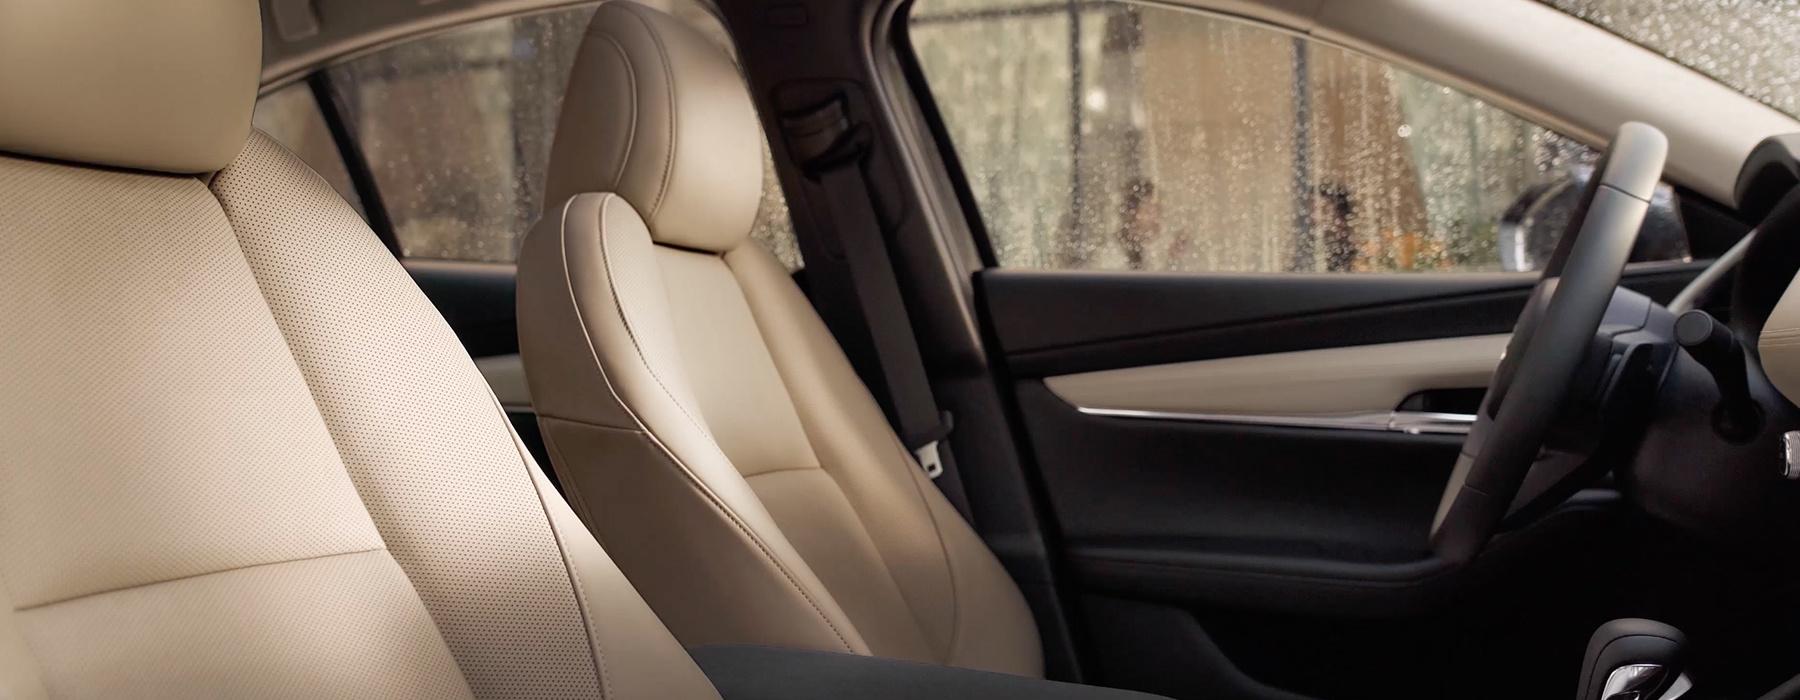 2020 Mazda3 Sedan Interior